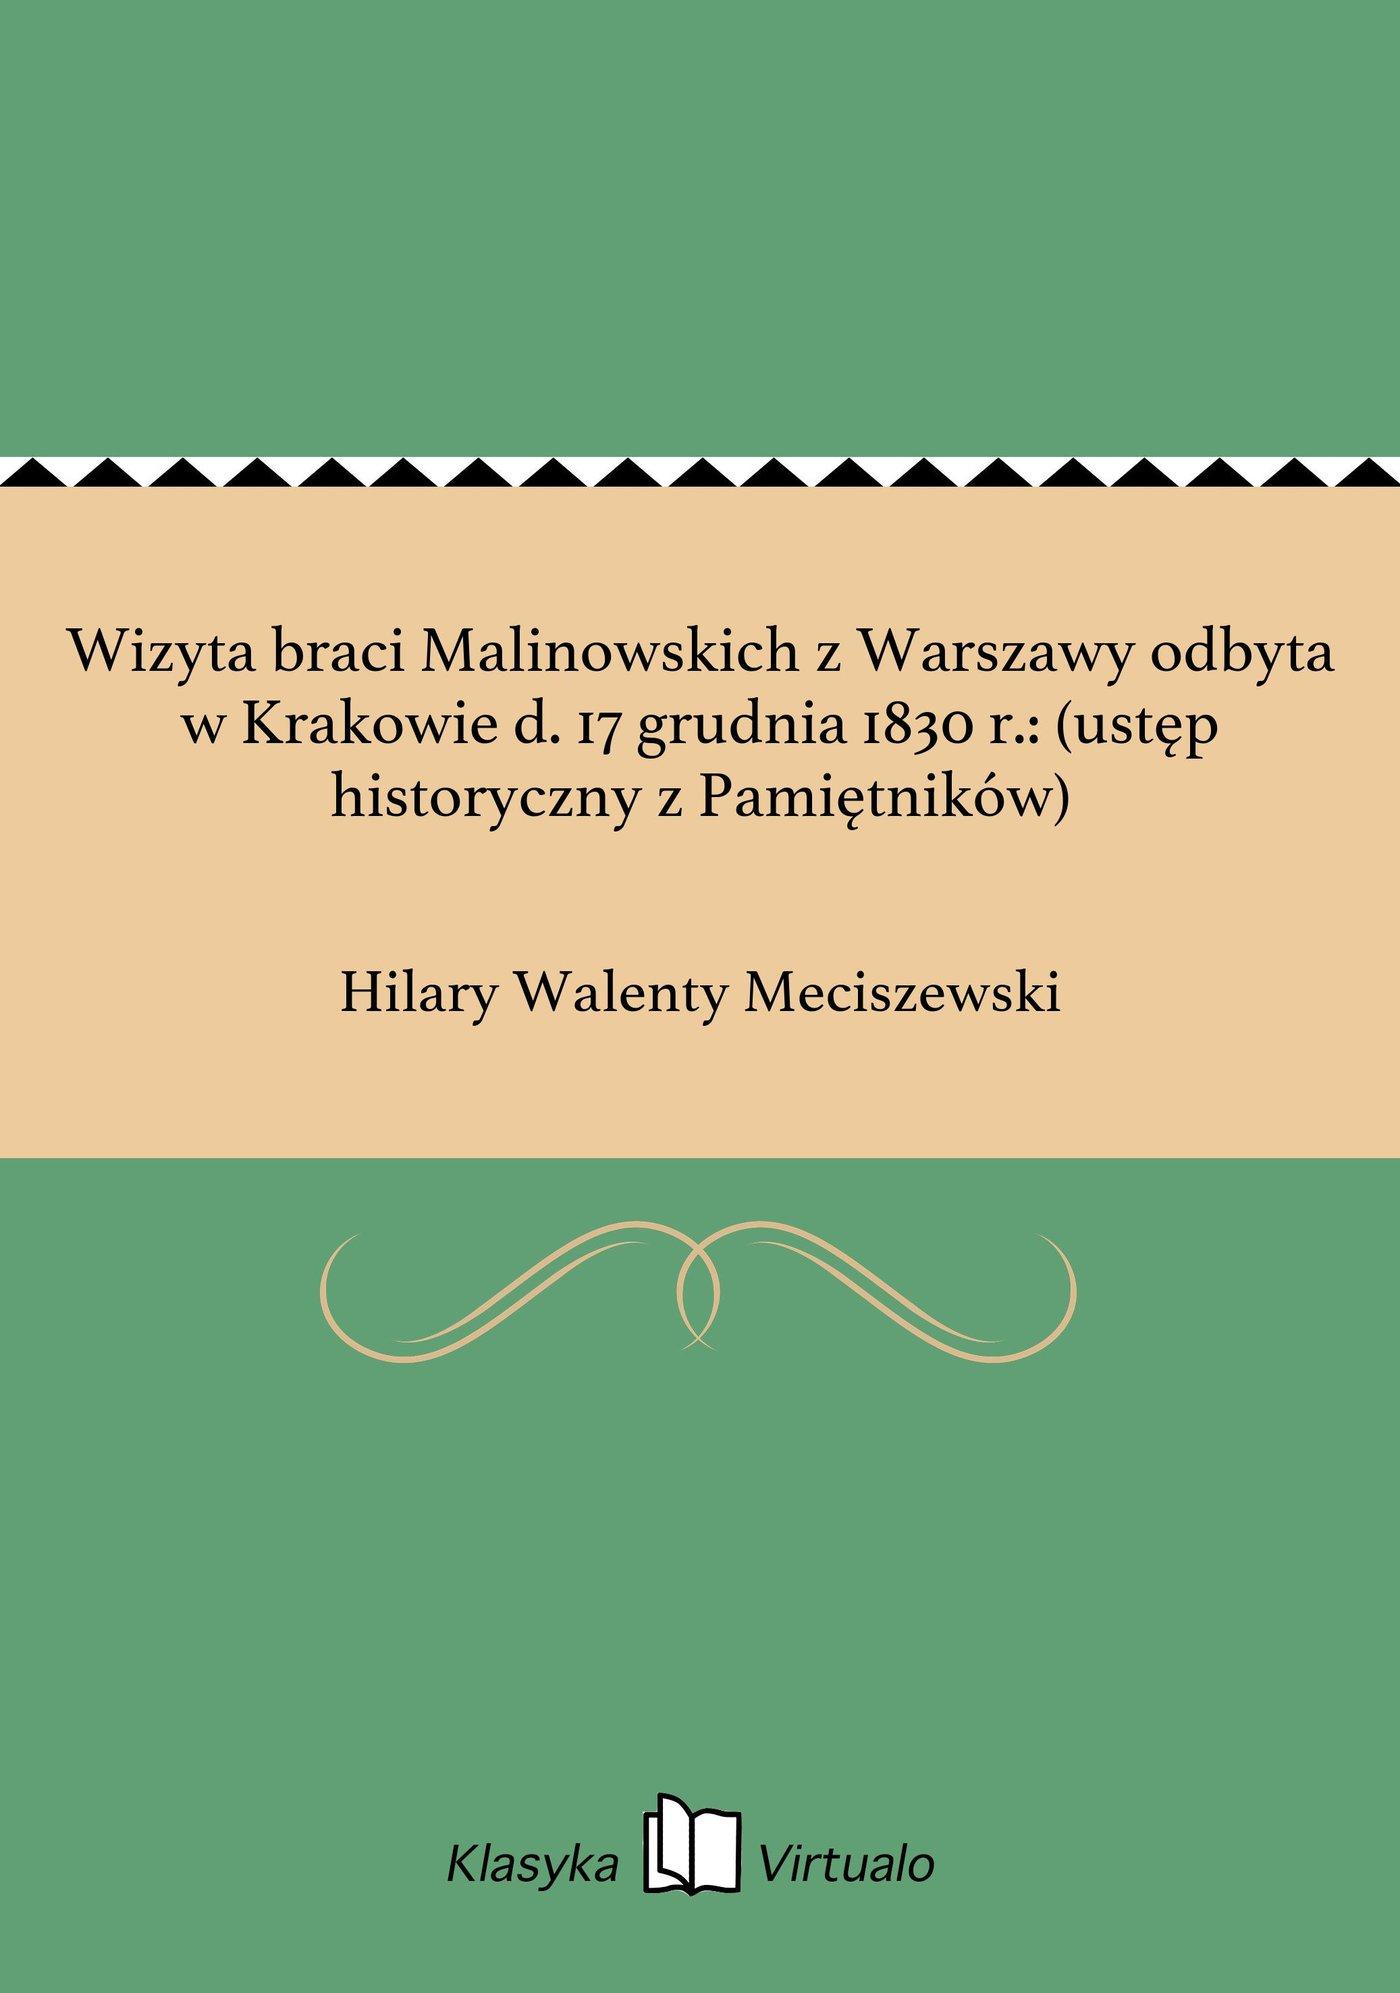 Wizyta braci Malinowskich z Warszawy odbyta w Krakowie d. 17 grudnia 1830 r.: (ustęp historyczny z Pamiętników) - Ebook (Książka na Kindle) do pobrania w formacie MOBI